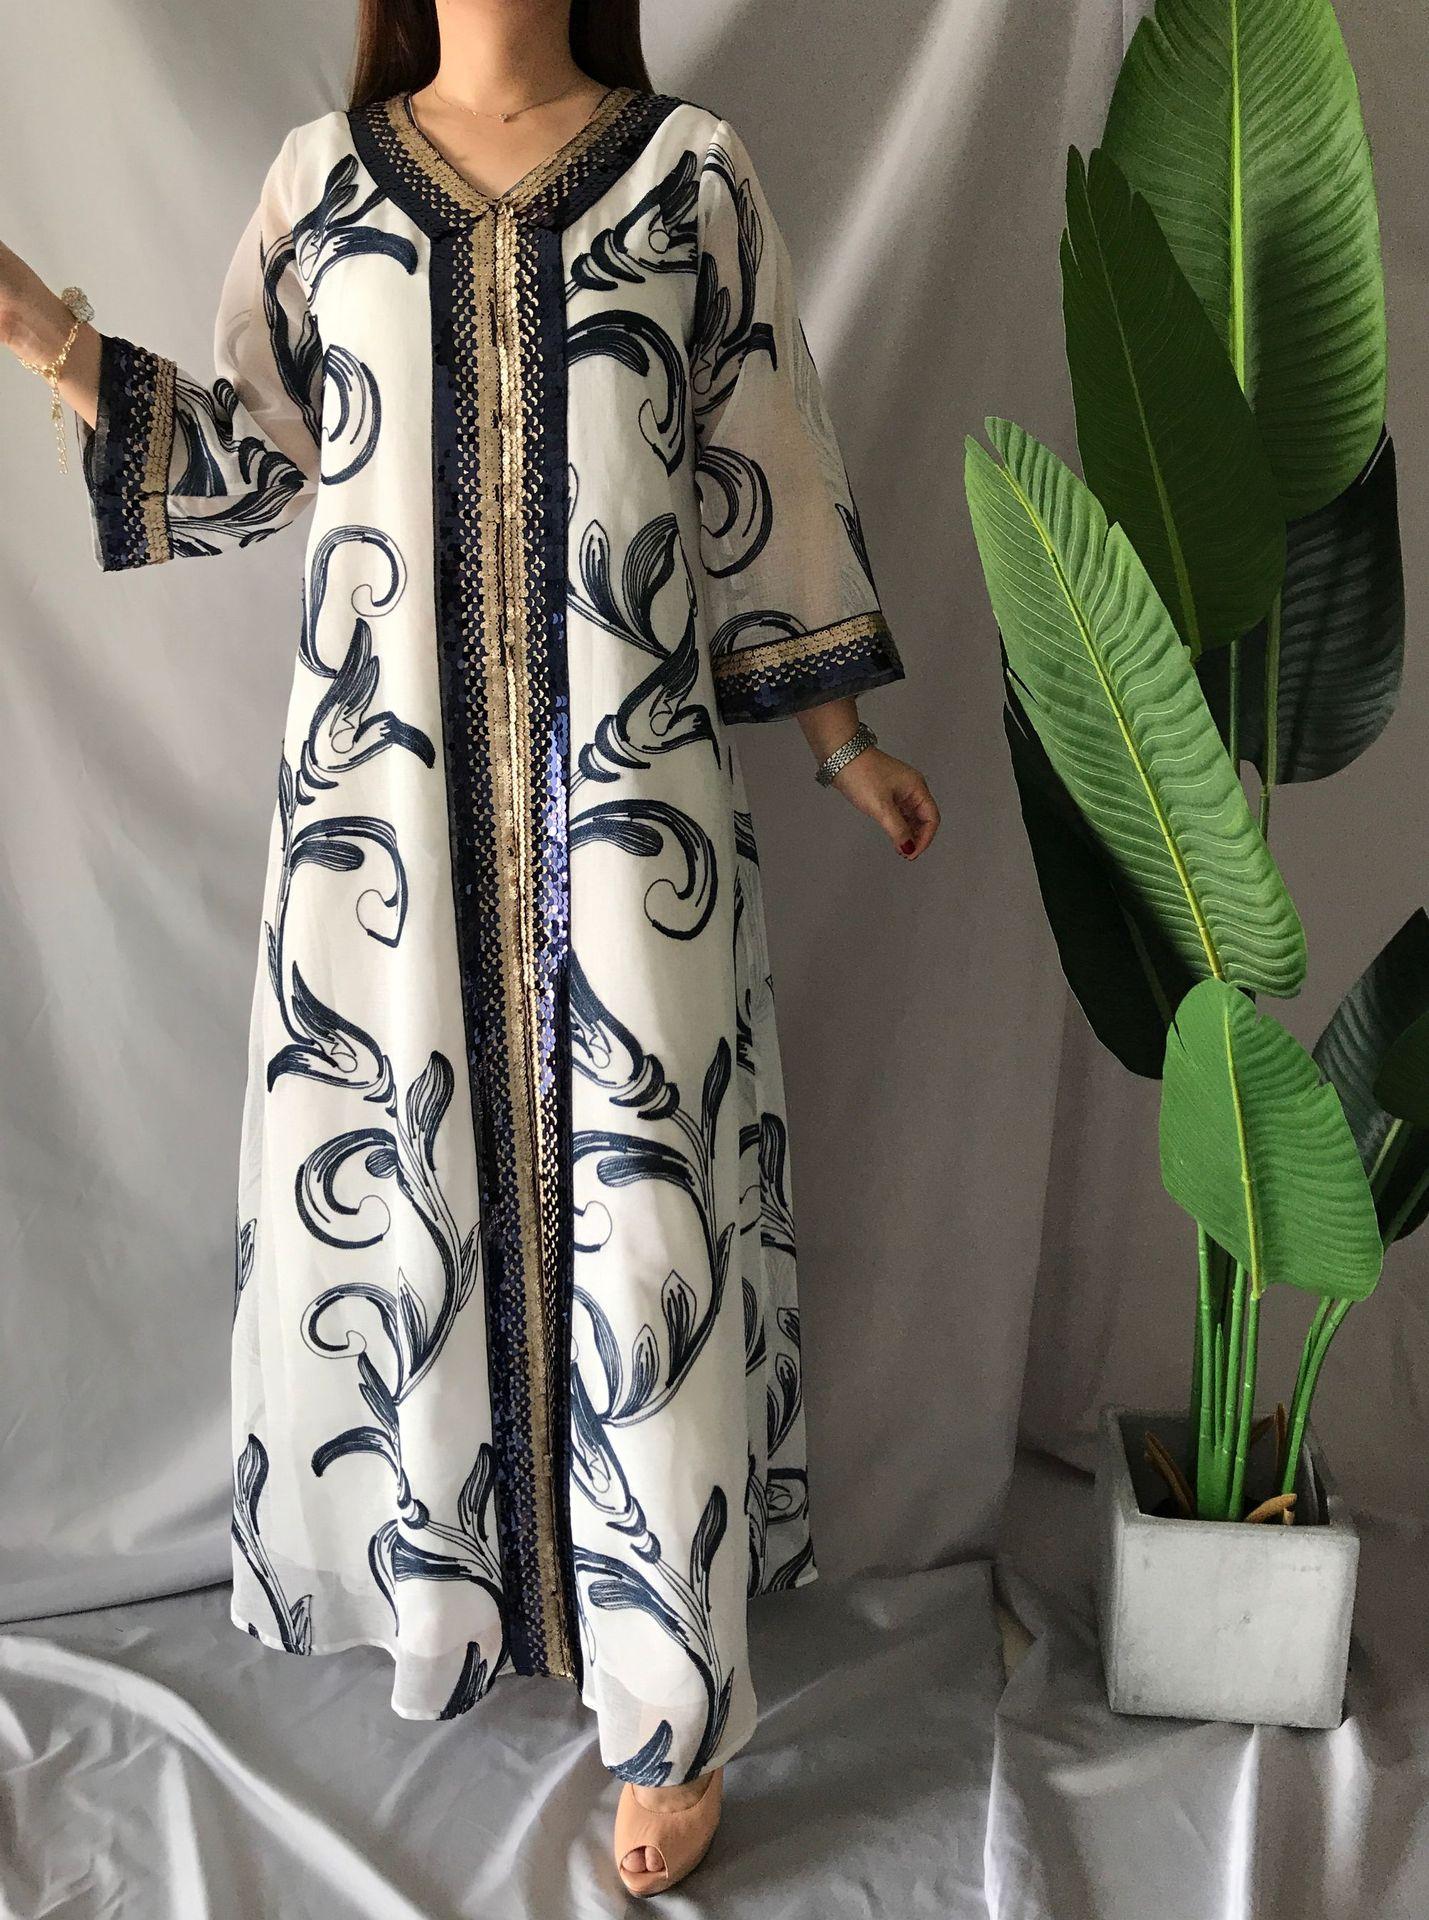 Модное мусульманское платье с вышивкой и блестками, Дубай, Арабская абайя, дуаби, арабский, турецкий, марокканский, кафтан, Исламская одежда,...